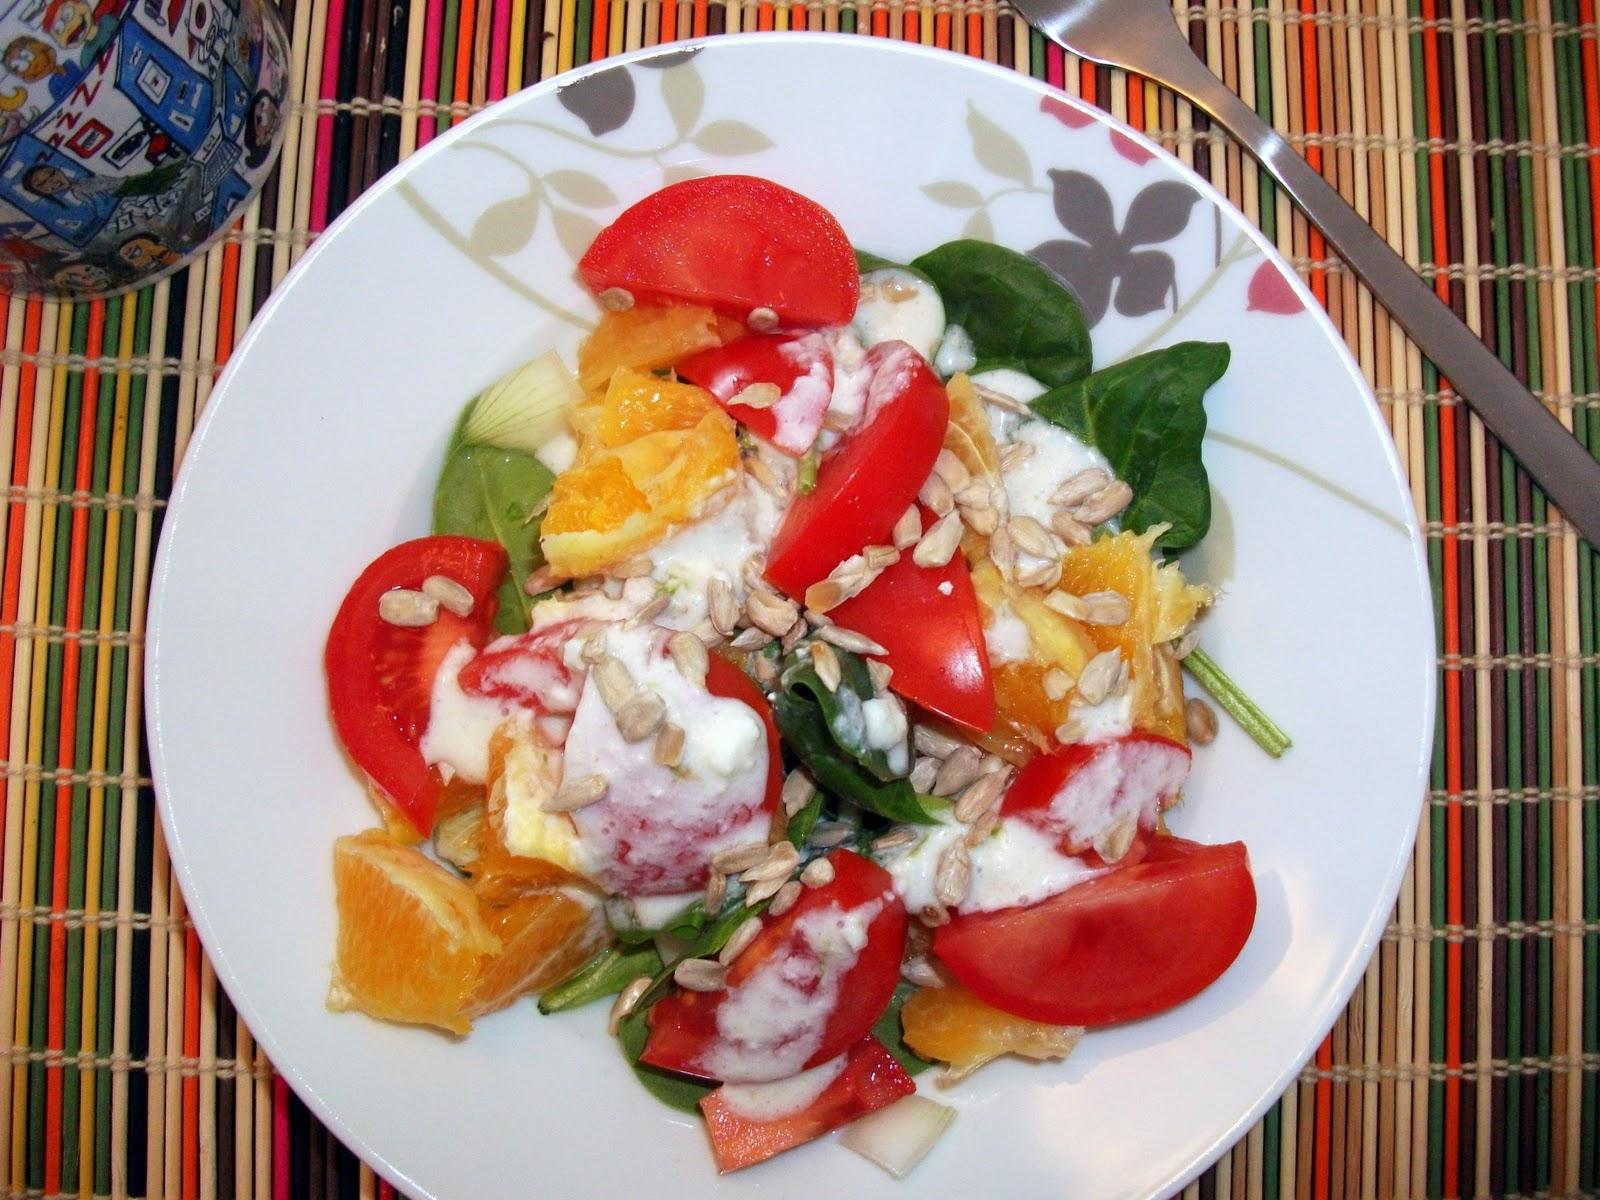 Fringues popote action une odeur printani re - Salade a couper qui repousse ...